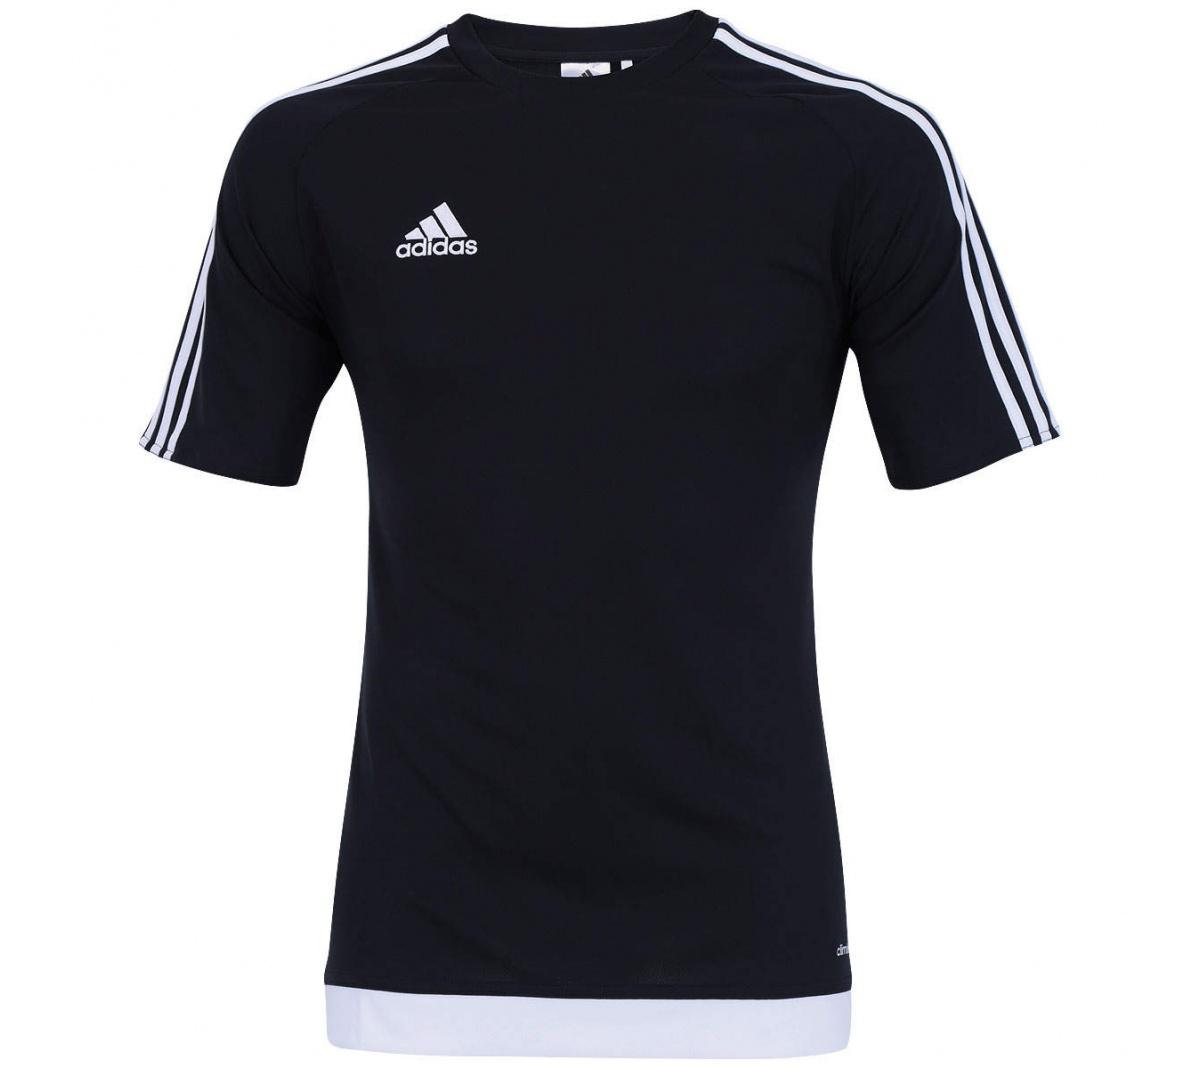 9b8675bfe57 Camisa Adidas Estro 15 Preto Branco - Mundo do Futebol